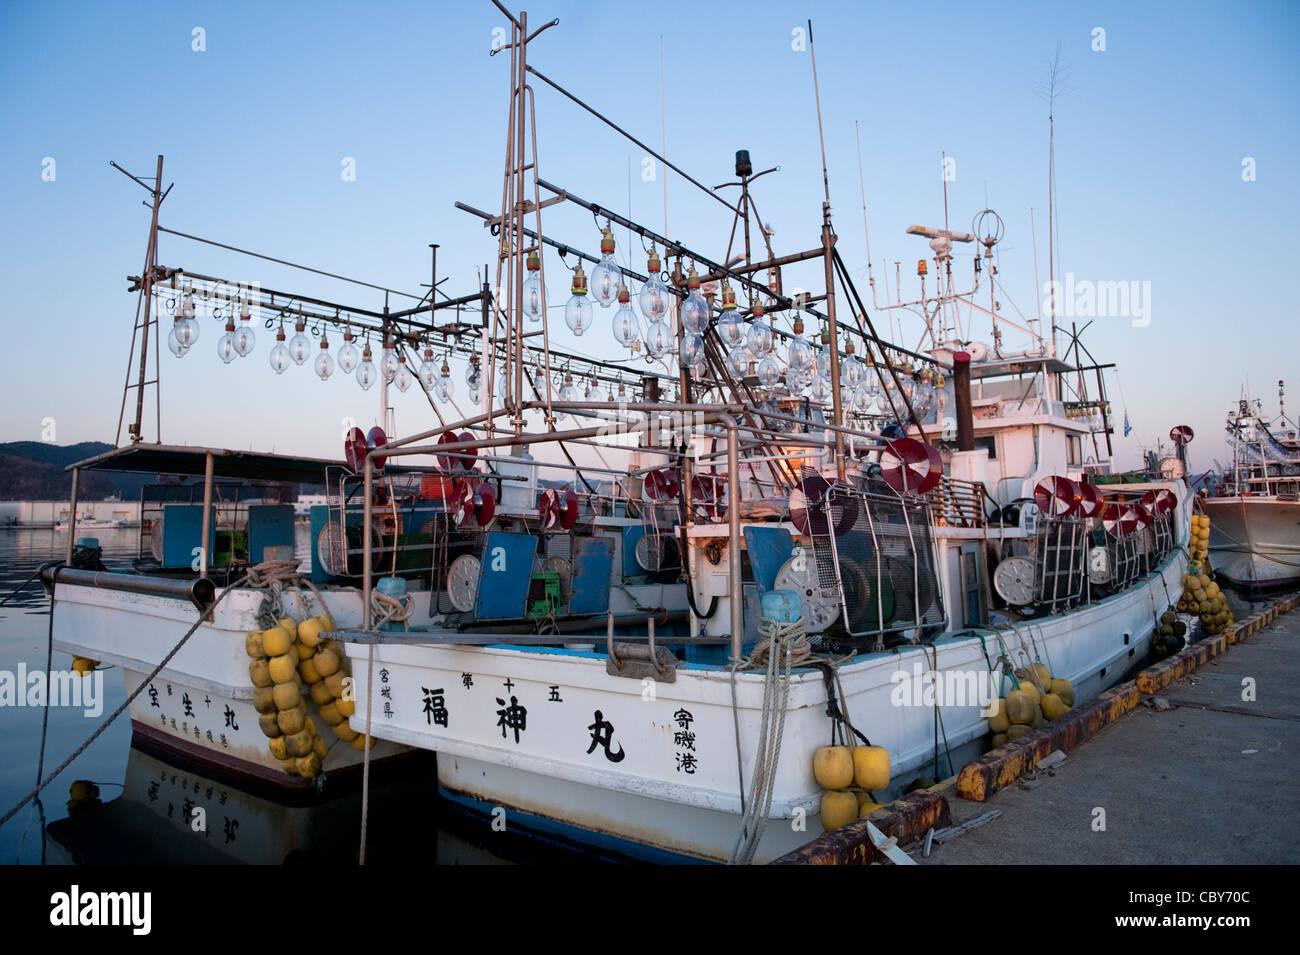 Japanese fishing boat stock photos japanese fishing boat for Japanese fishing boat